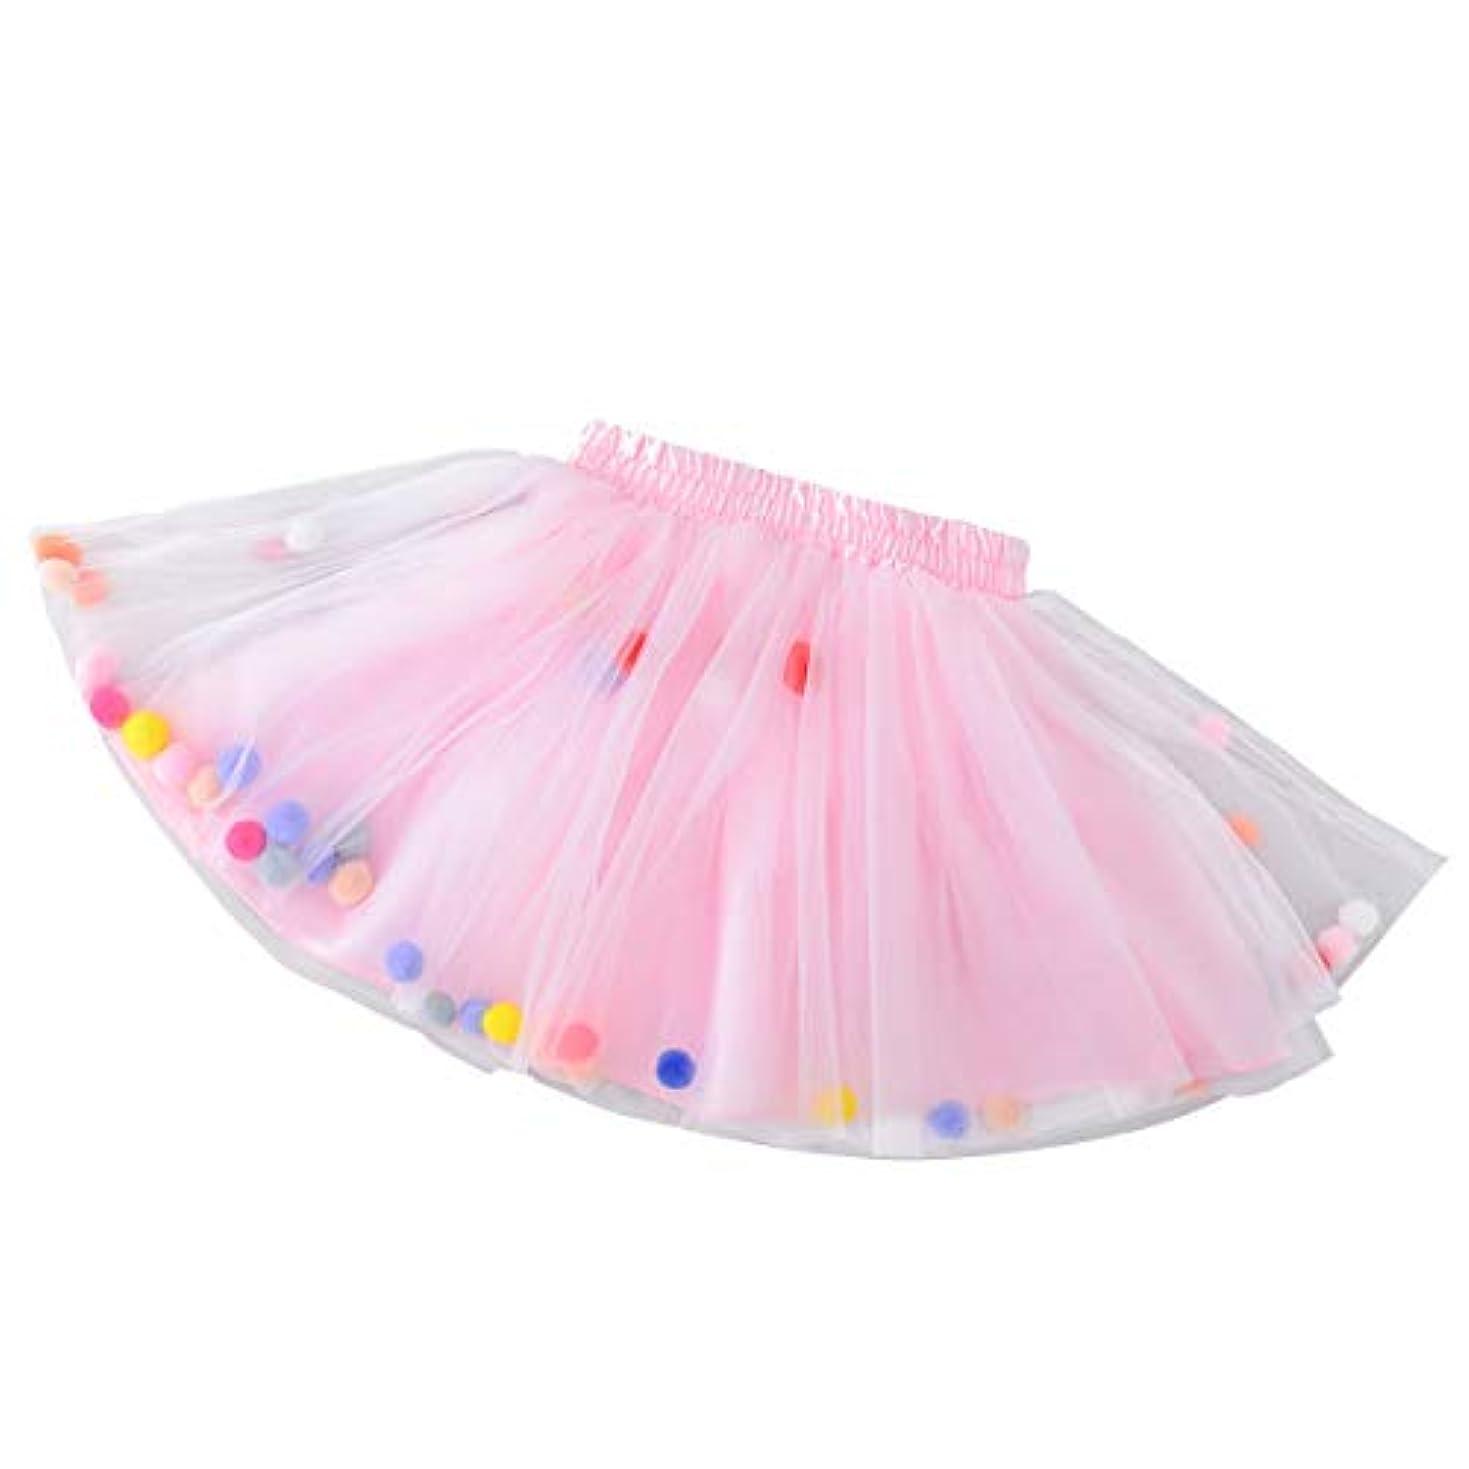 庭園楽しむ成功したYeahiBaby 子供チュチュスカートラブリーピンクミディスカートカラフルなファジーボールガーゼスカートプリンセスドレス衣装用女の子(サイズl)